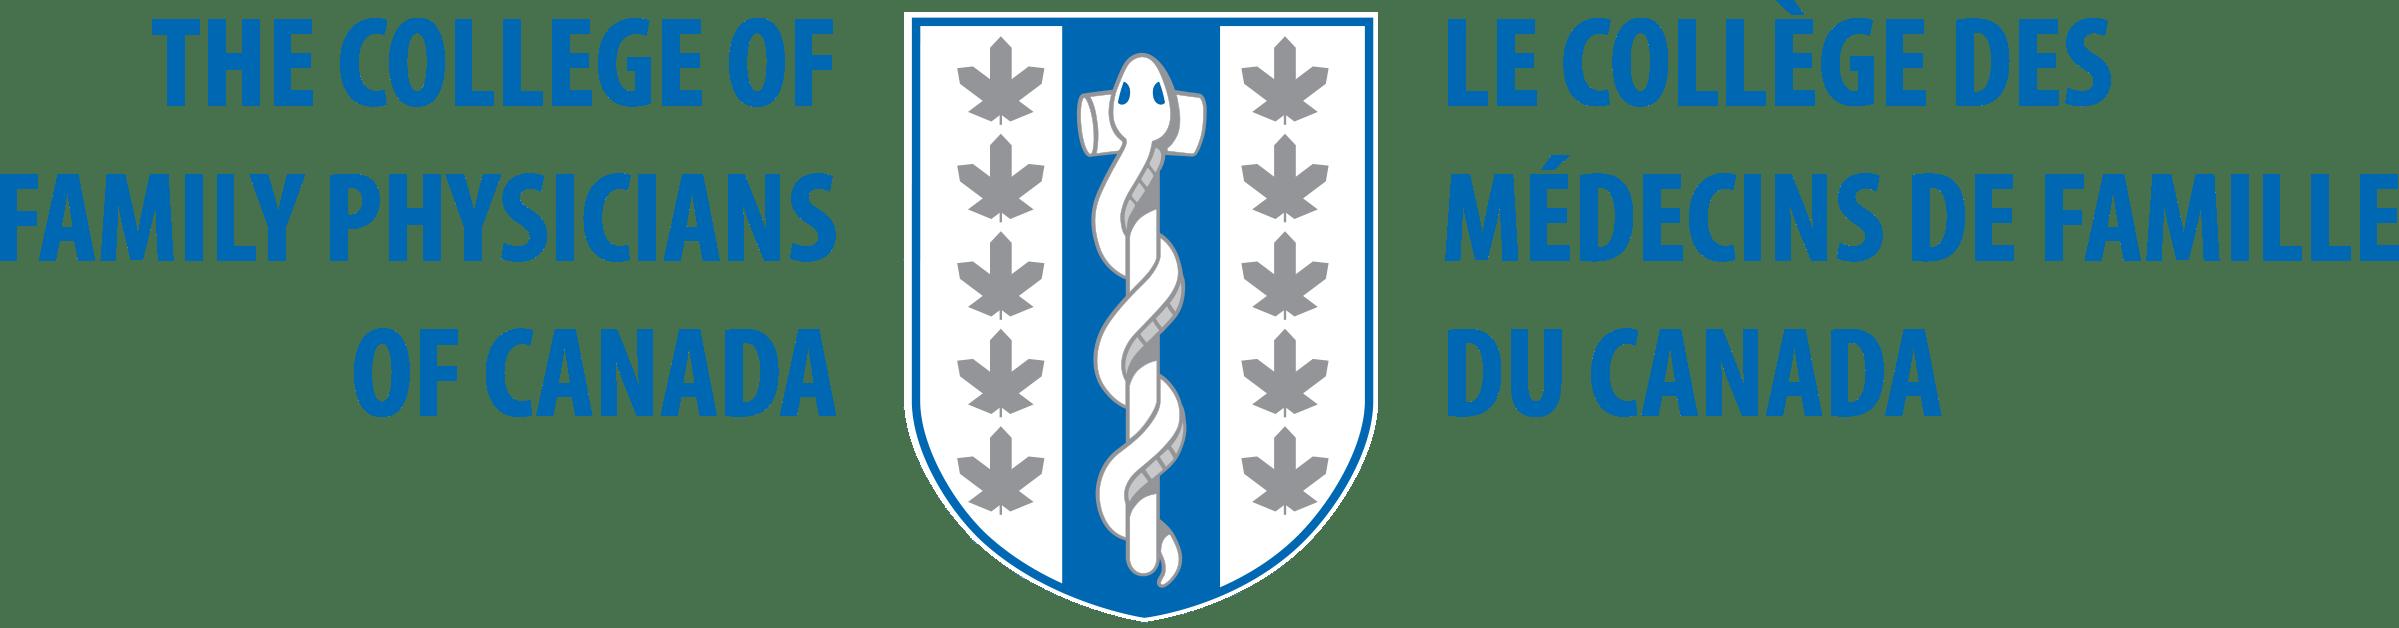 Le Collège des medécins de famille du Canada